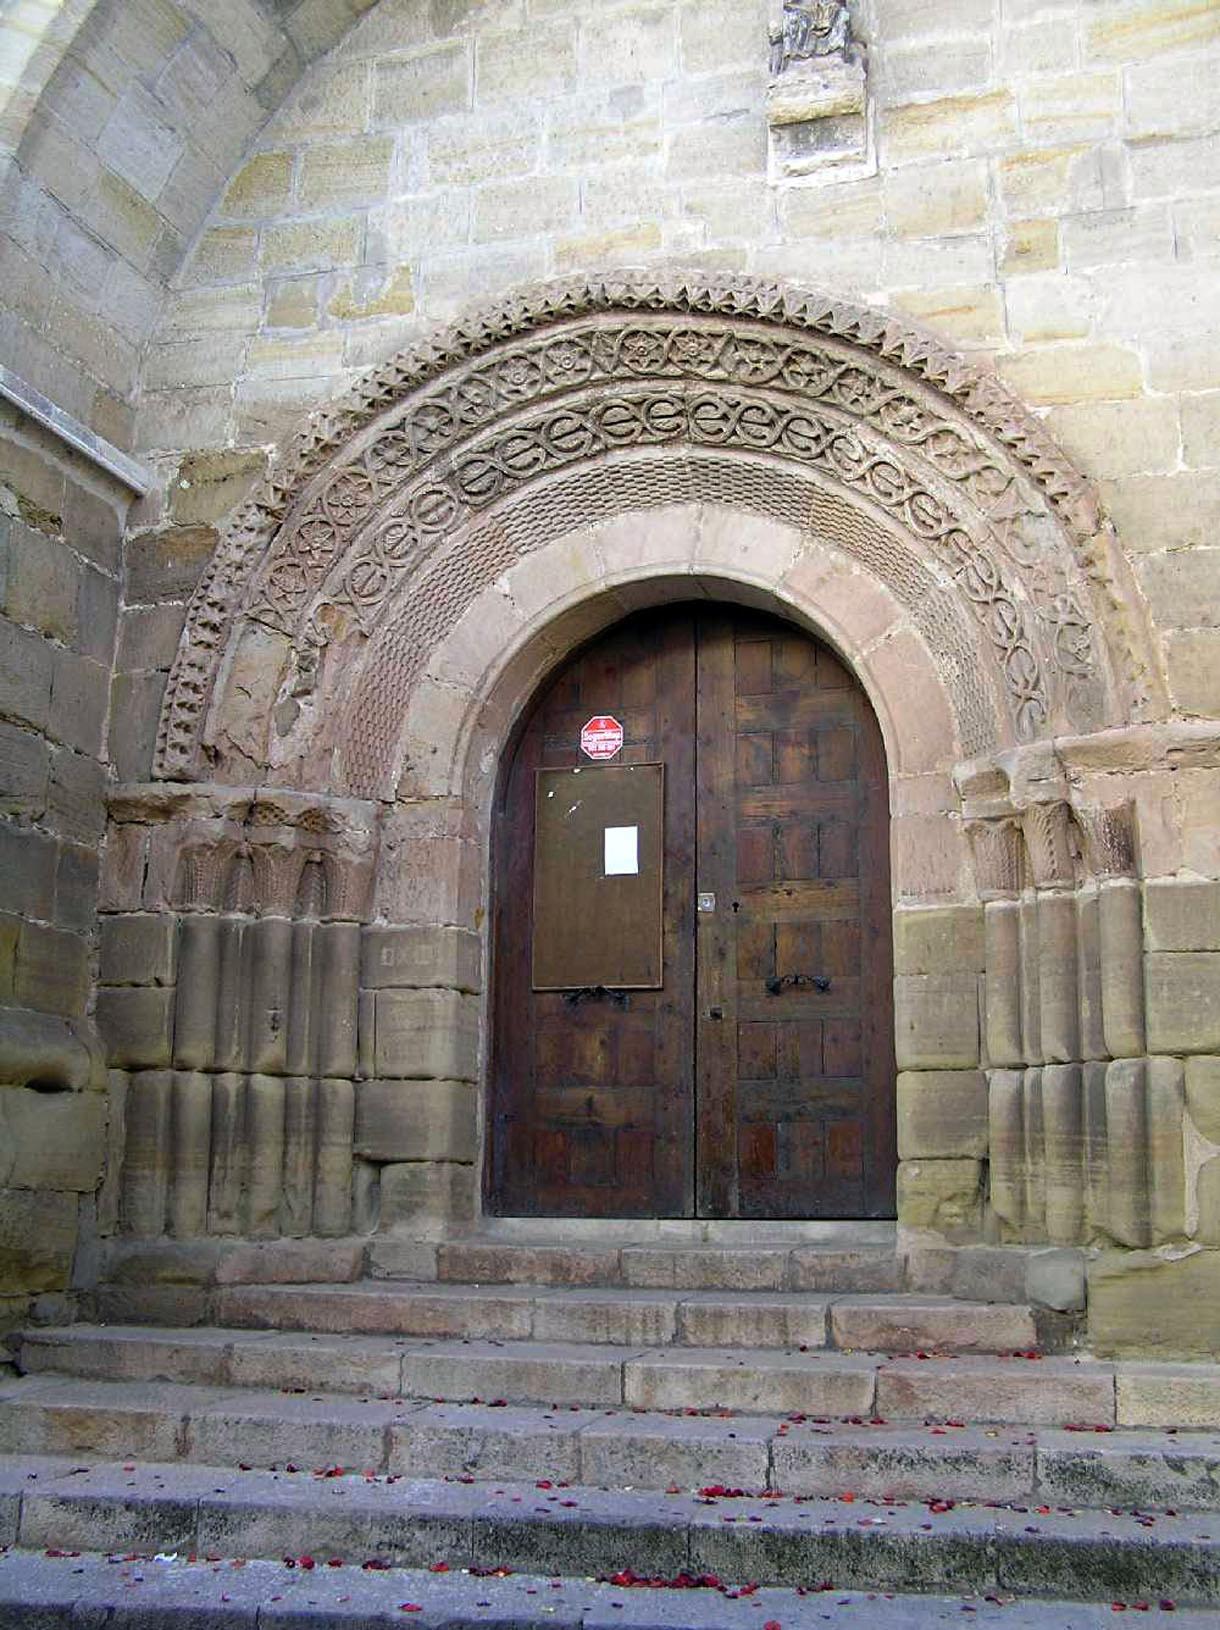 James l y el Reino de Valencia - Página 3 San-vicente